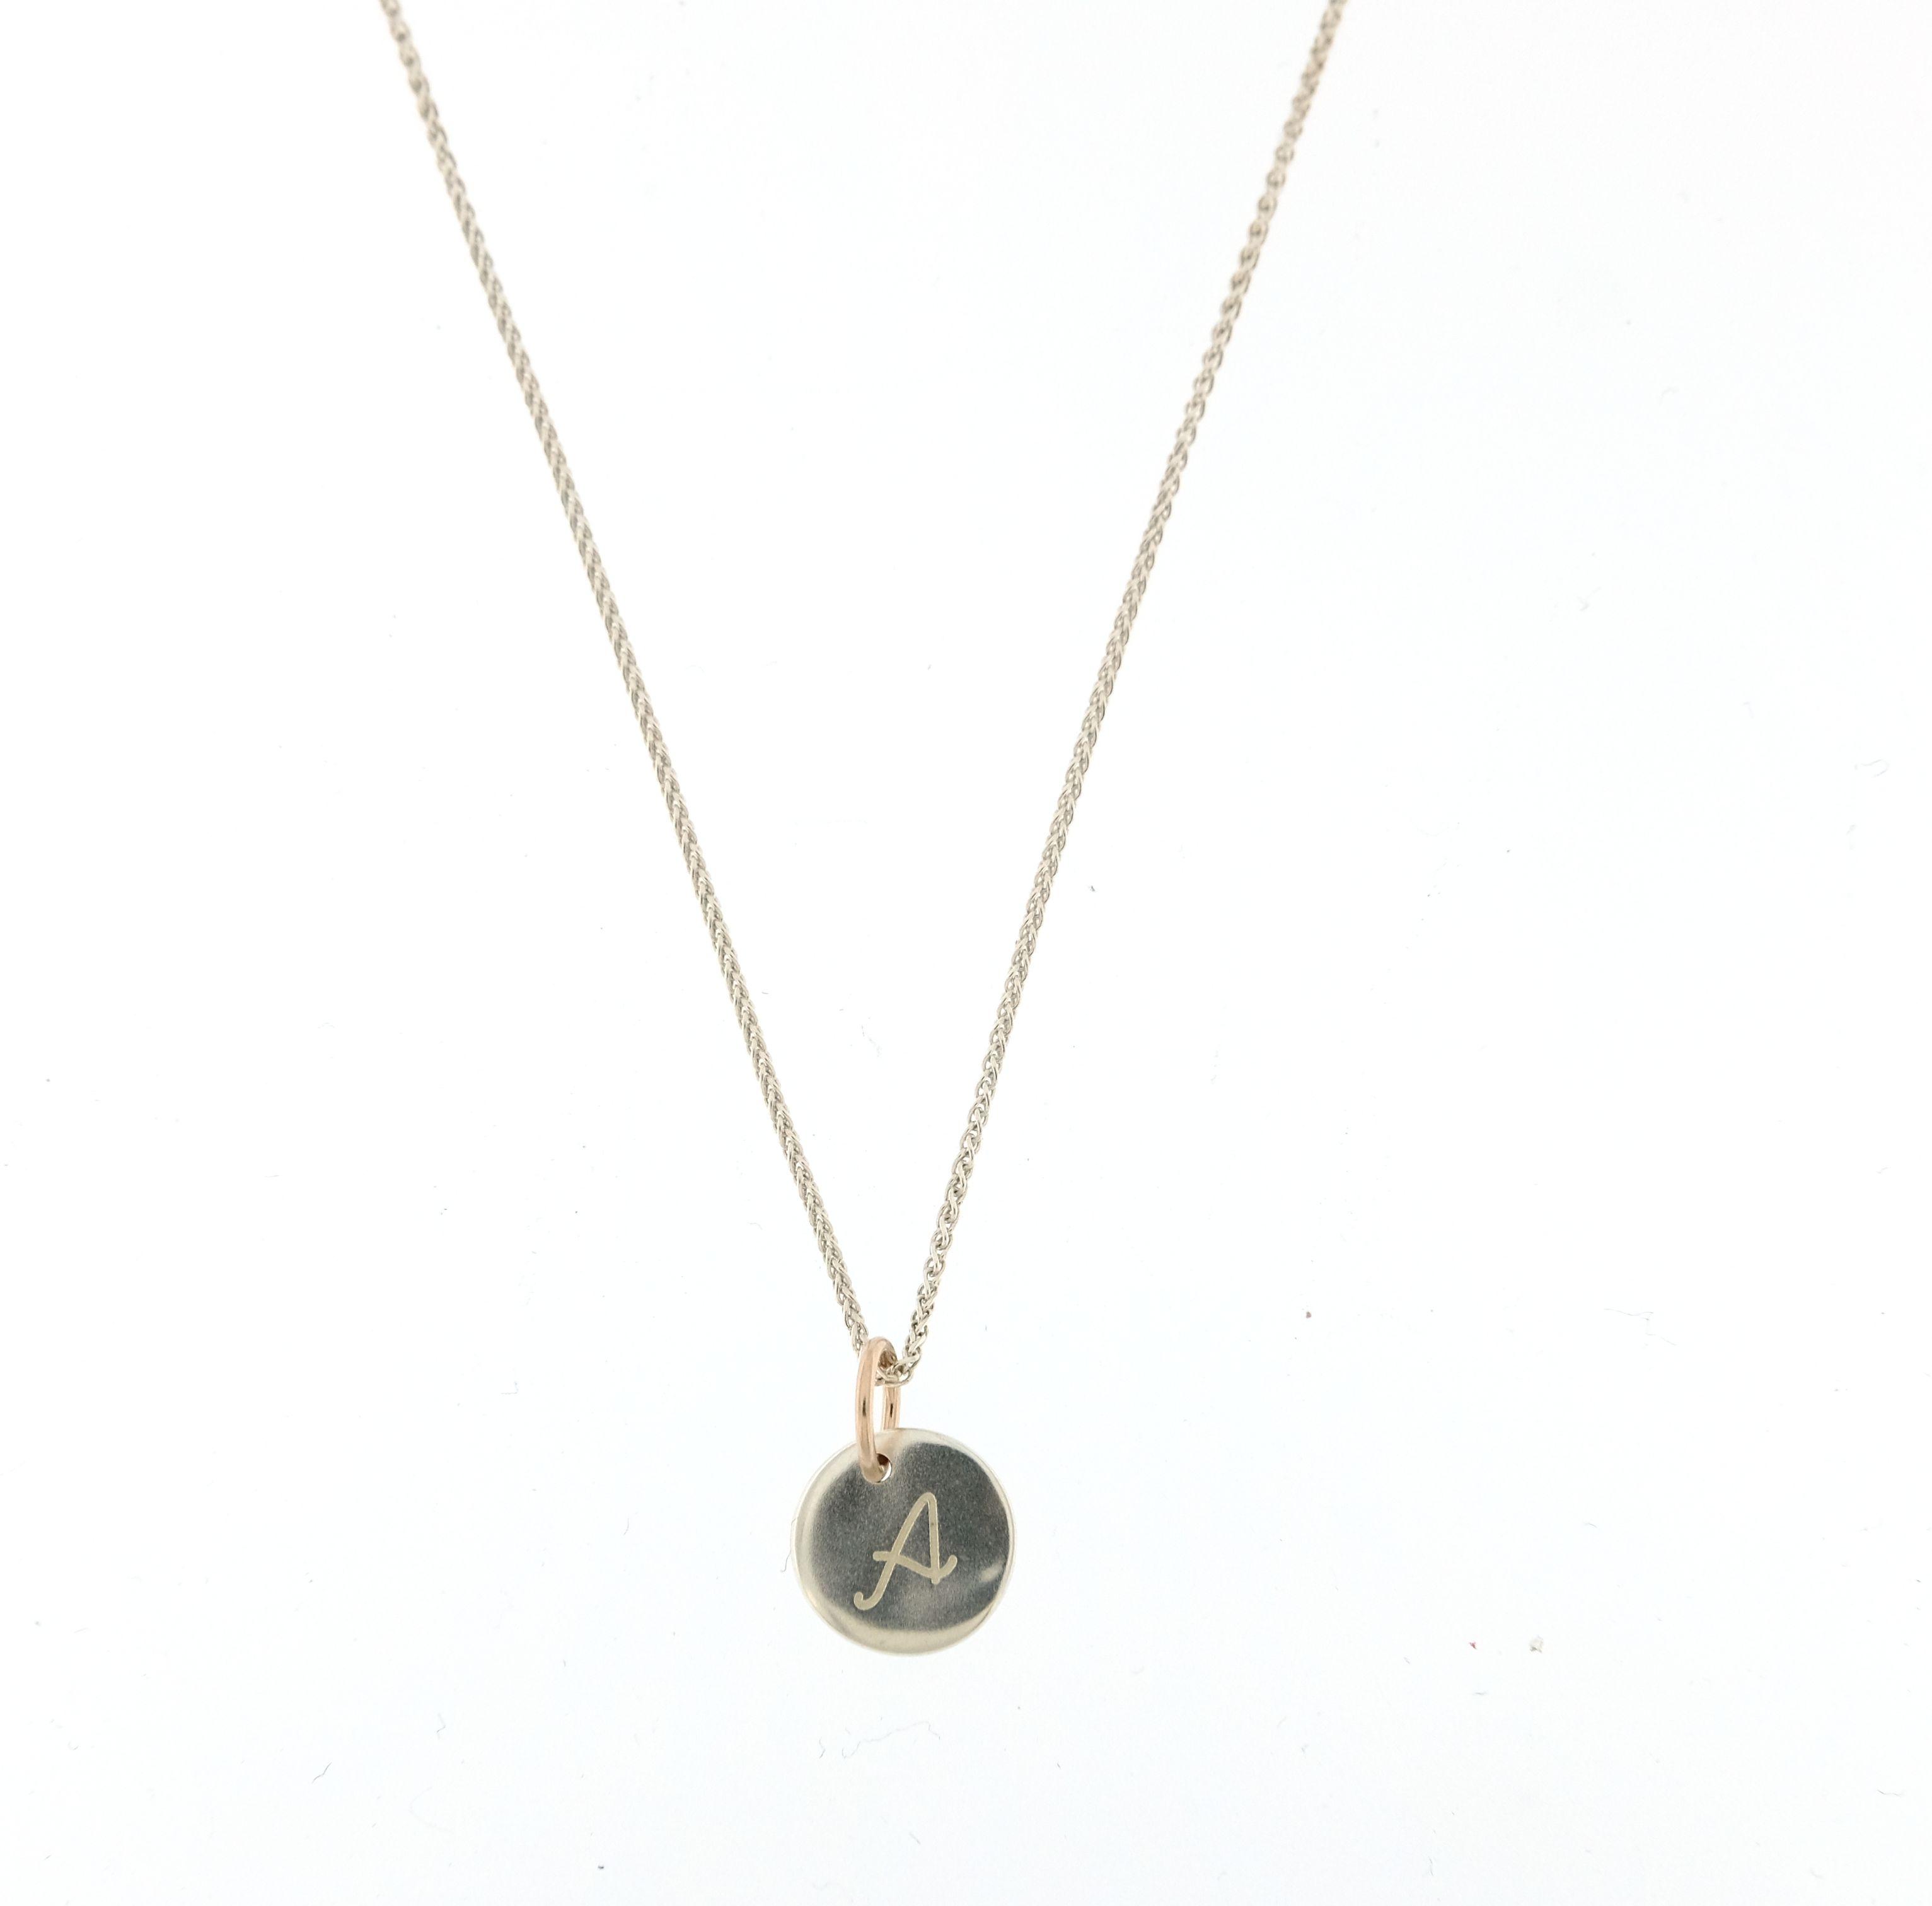 foto ufficiali 9335a dfcd4 Collana Queriot Giulia moneta micro con iniziale argento e oro rosa 9kt